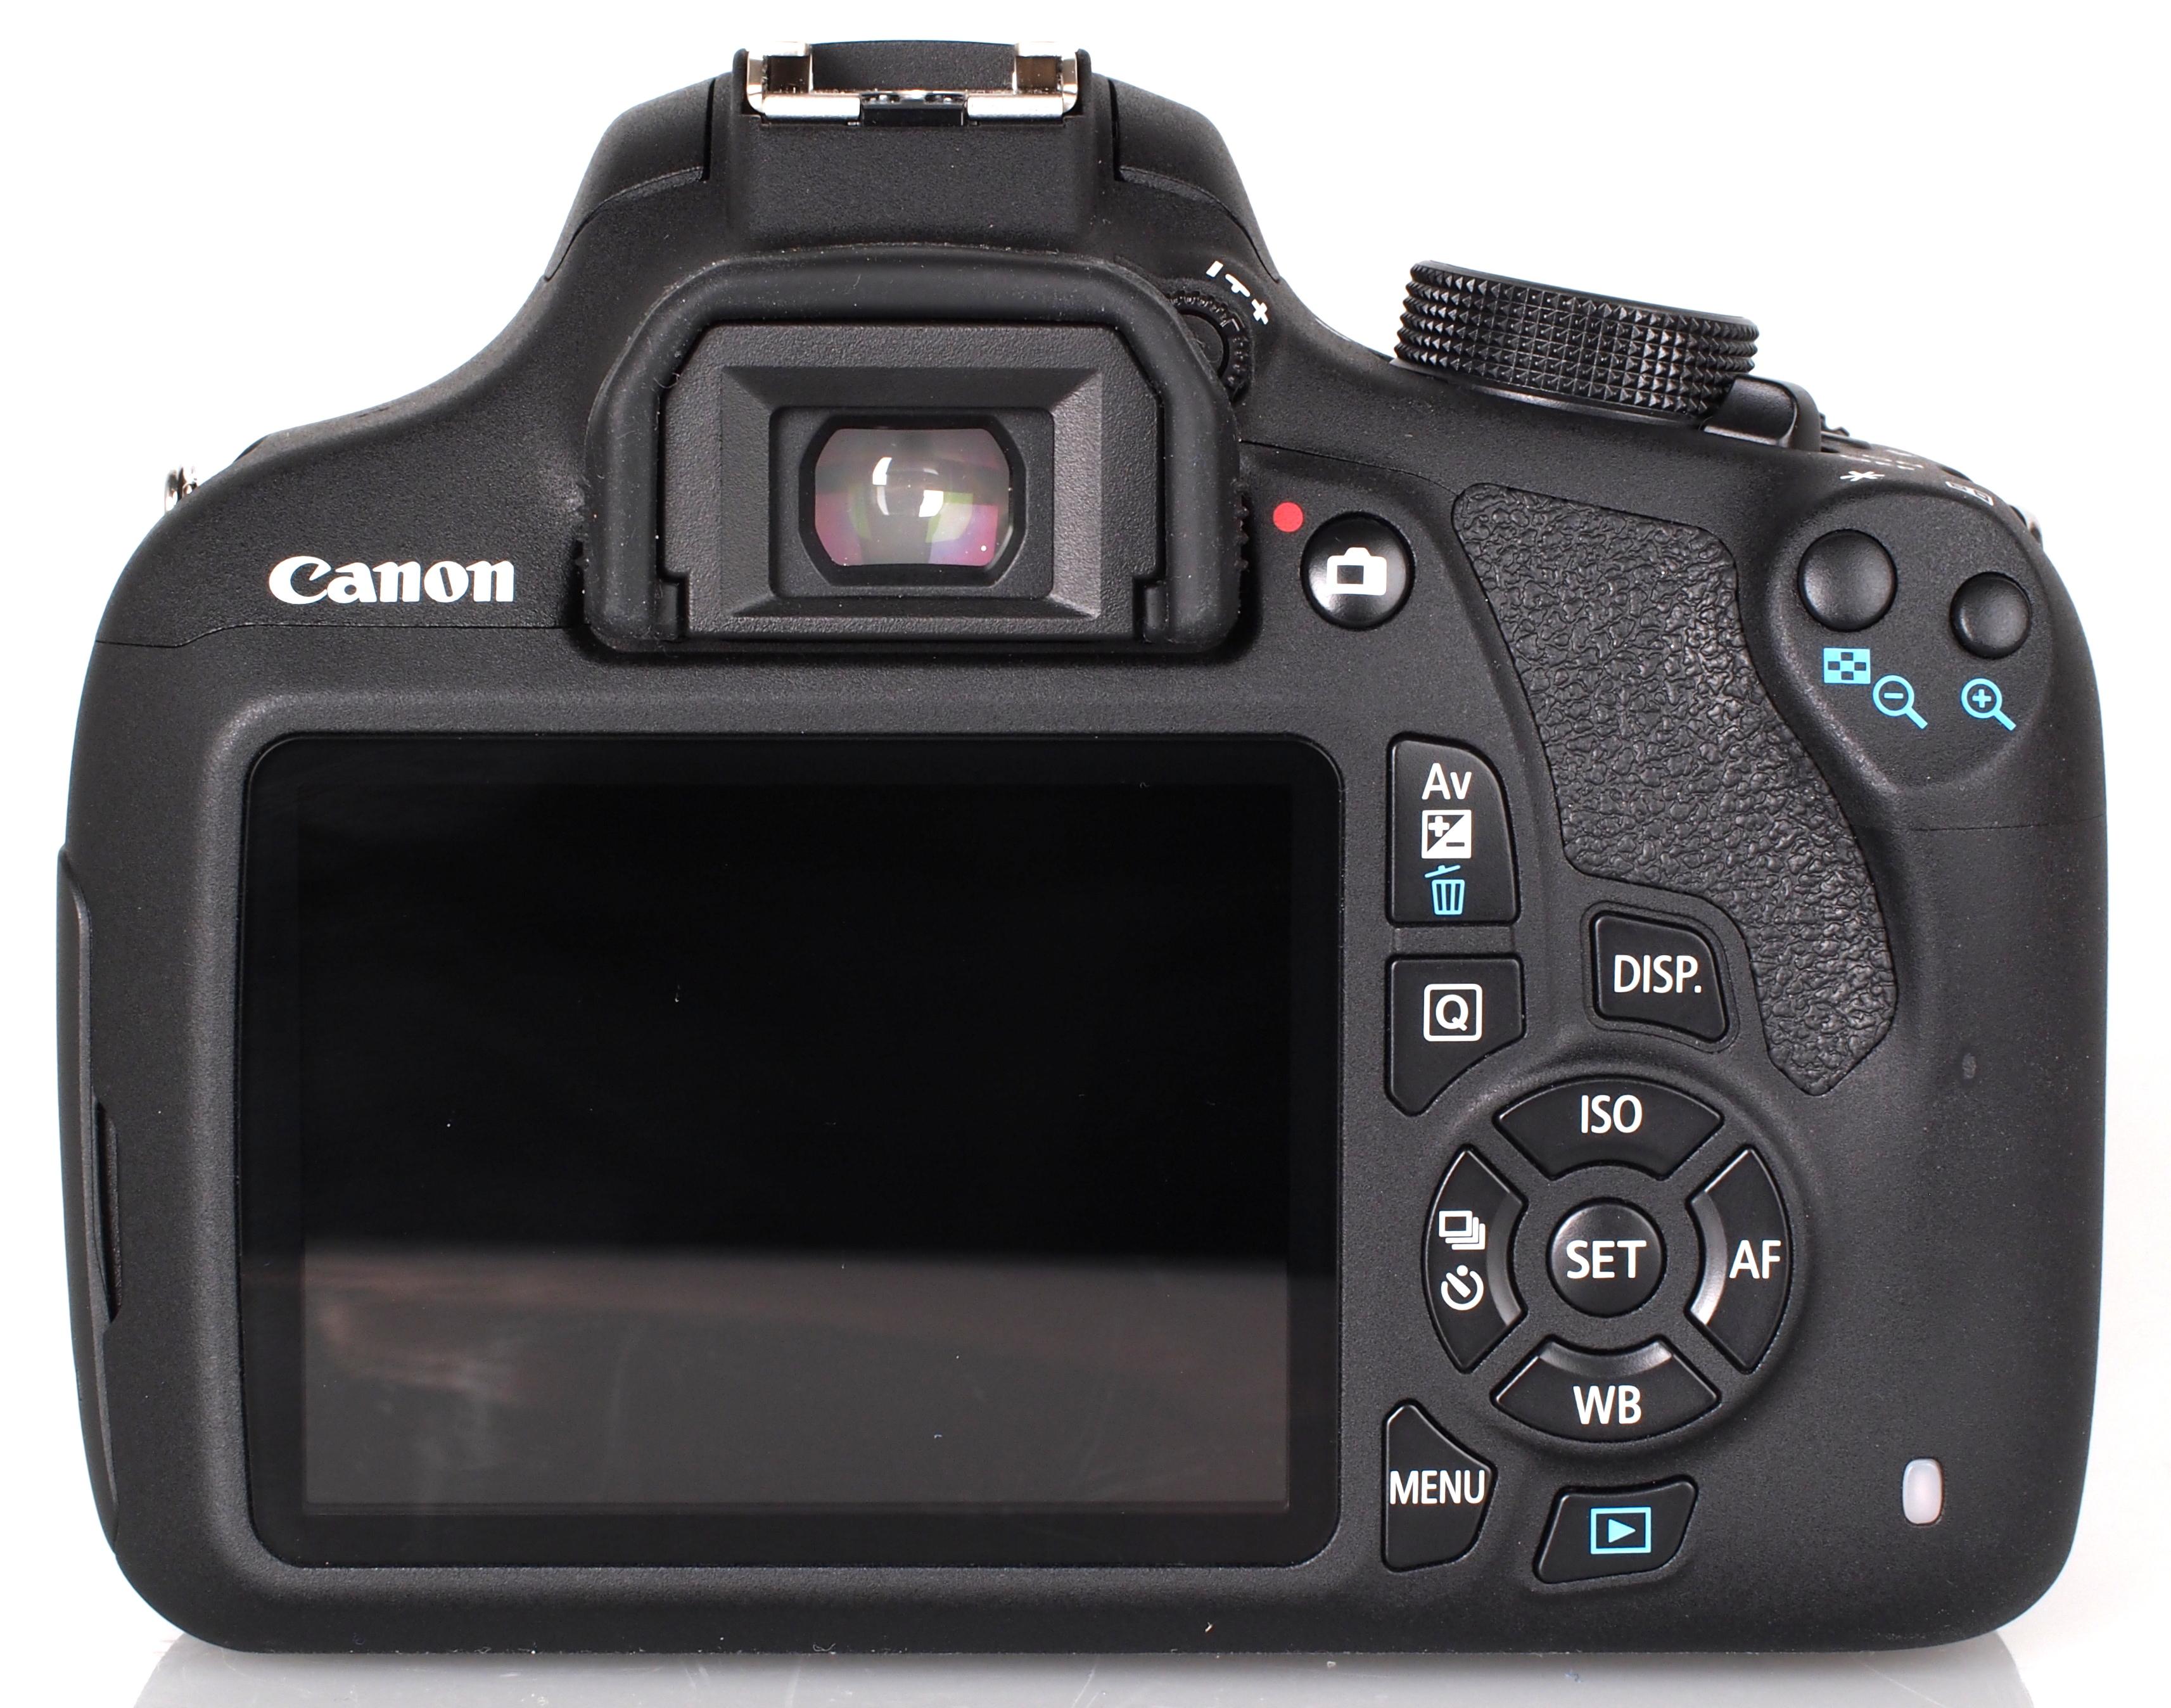 Canon EOS 1200D Digital SLR Full Review | ePHOTOzine